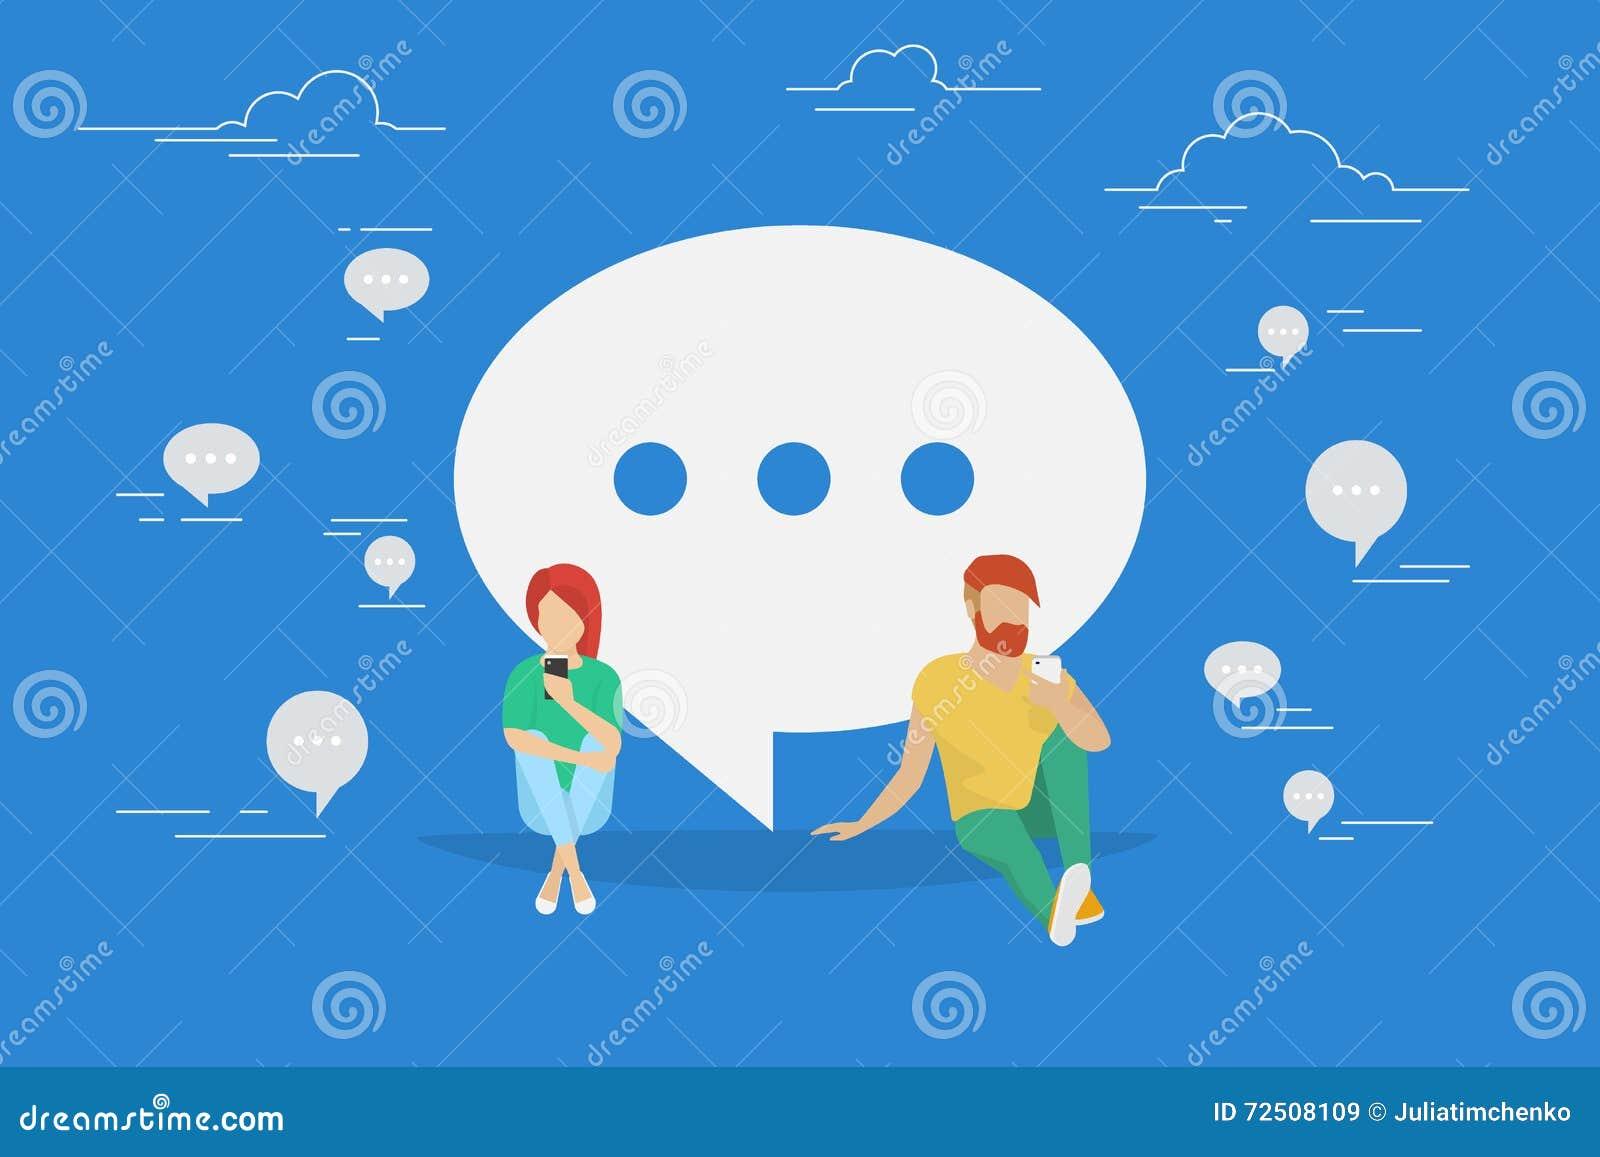 Illustrazione di concetto di conversazione di chiacchierata